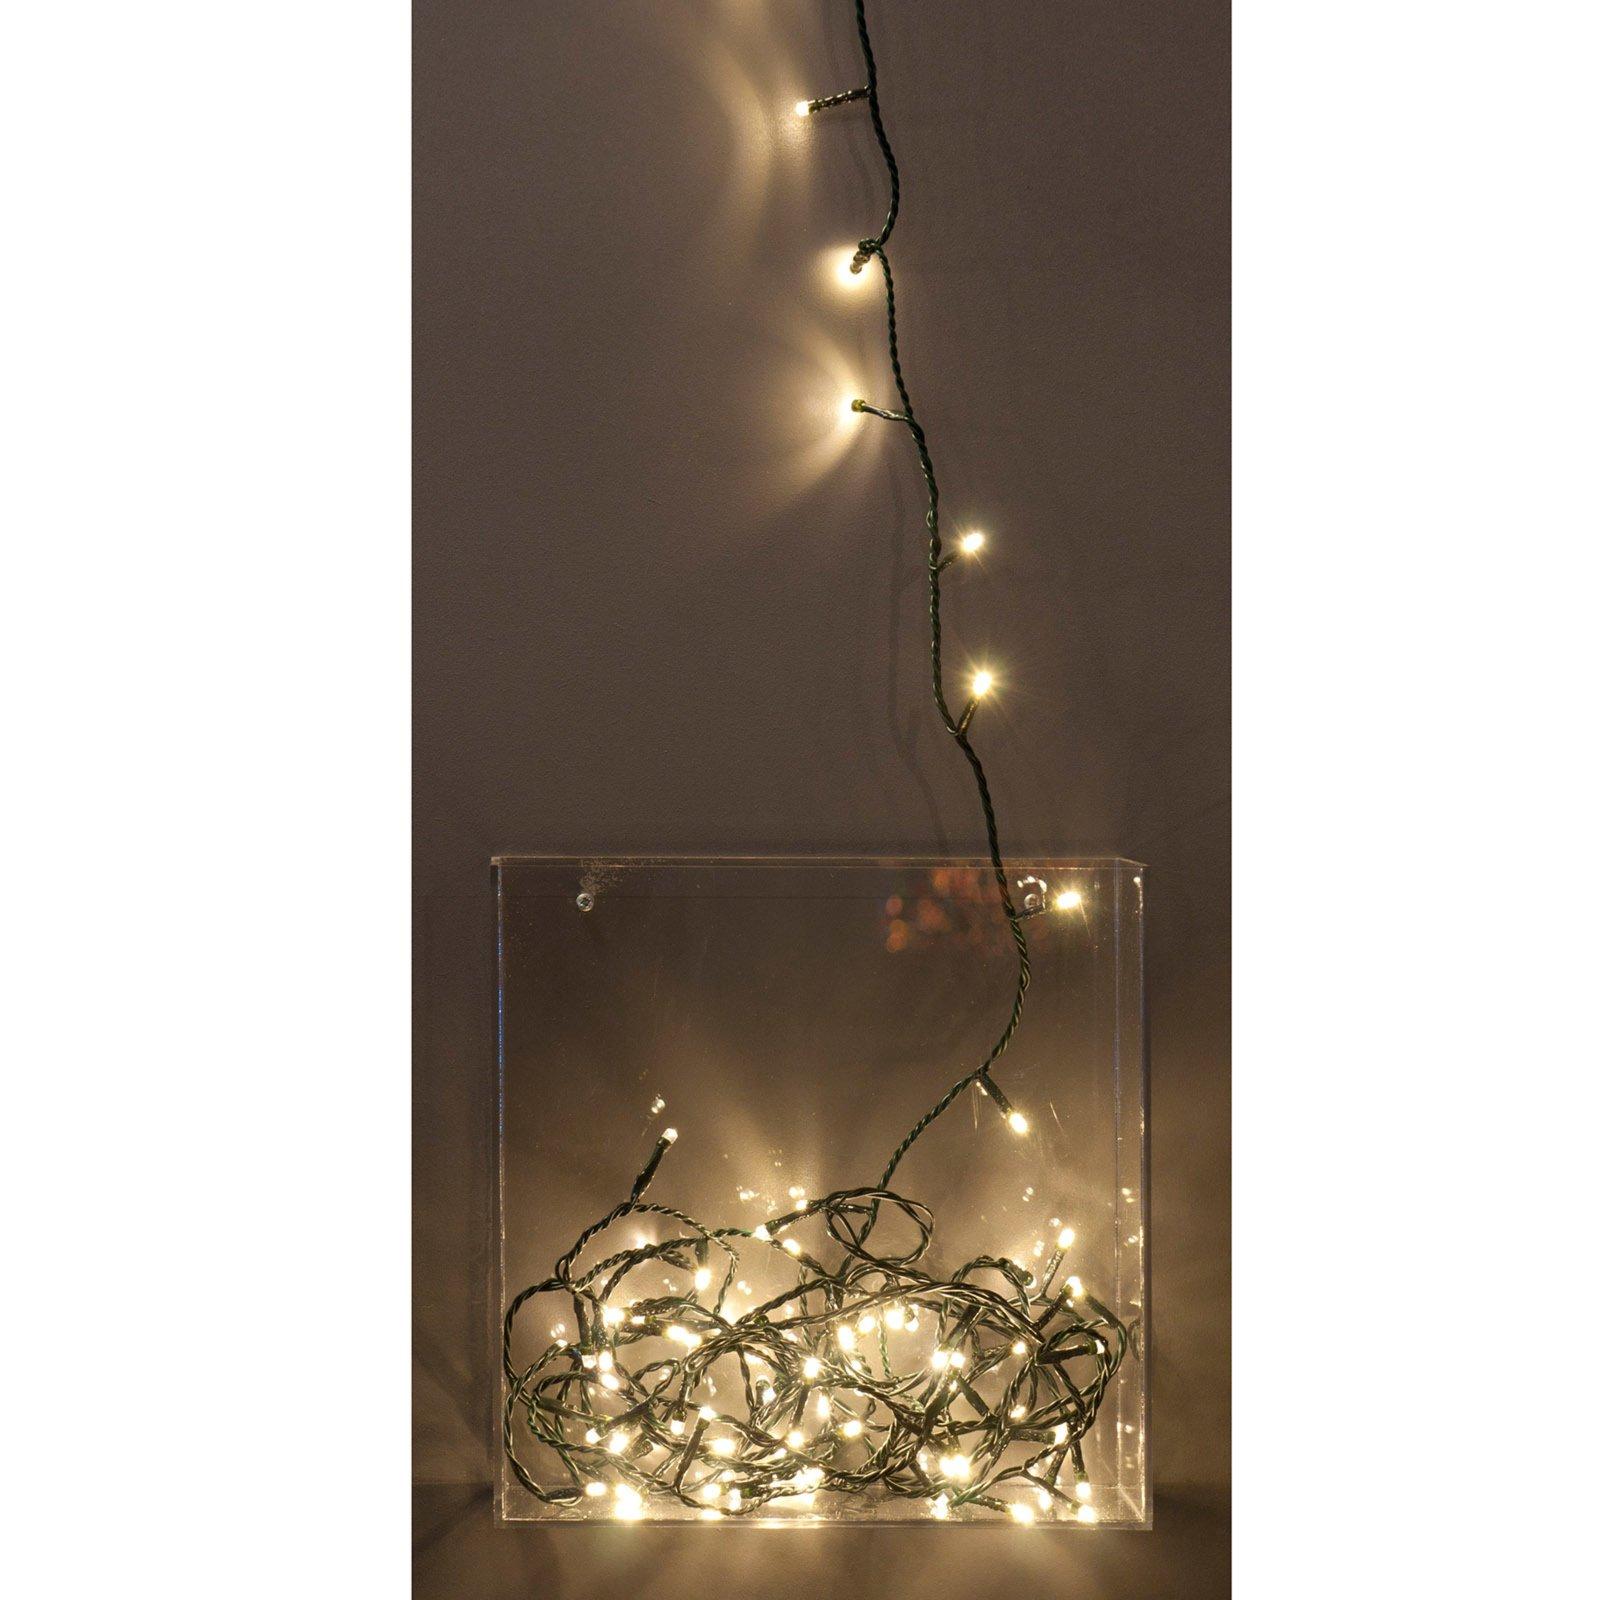 LED-Lichterkette - warmweiß - 16,5 Meter